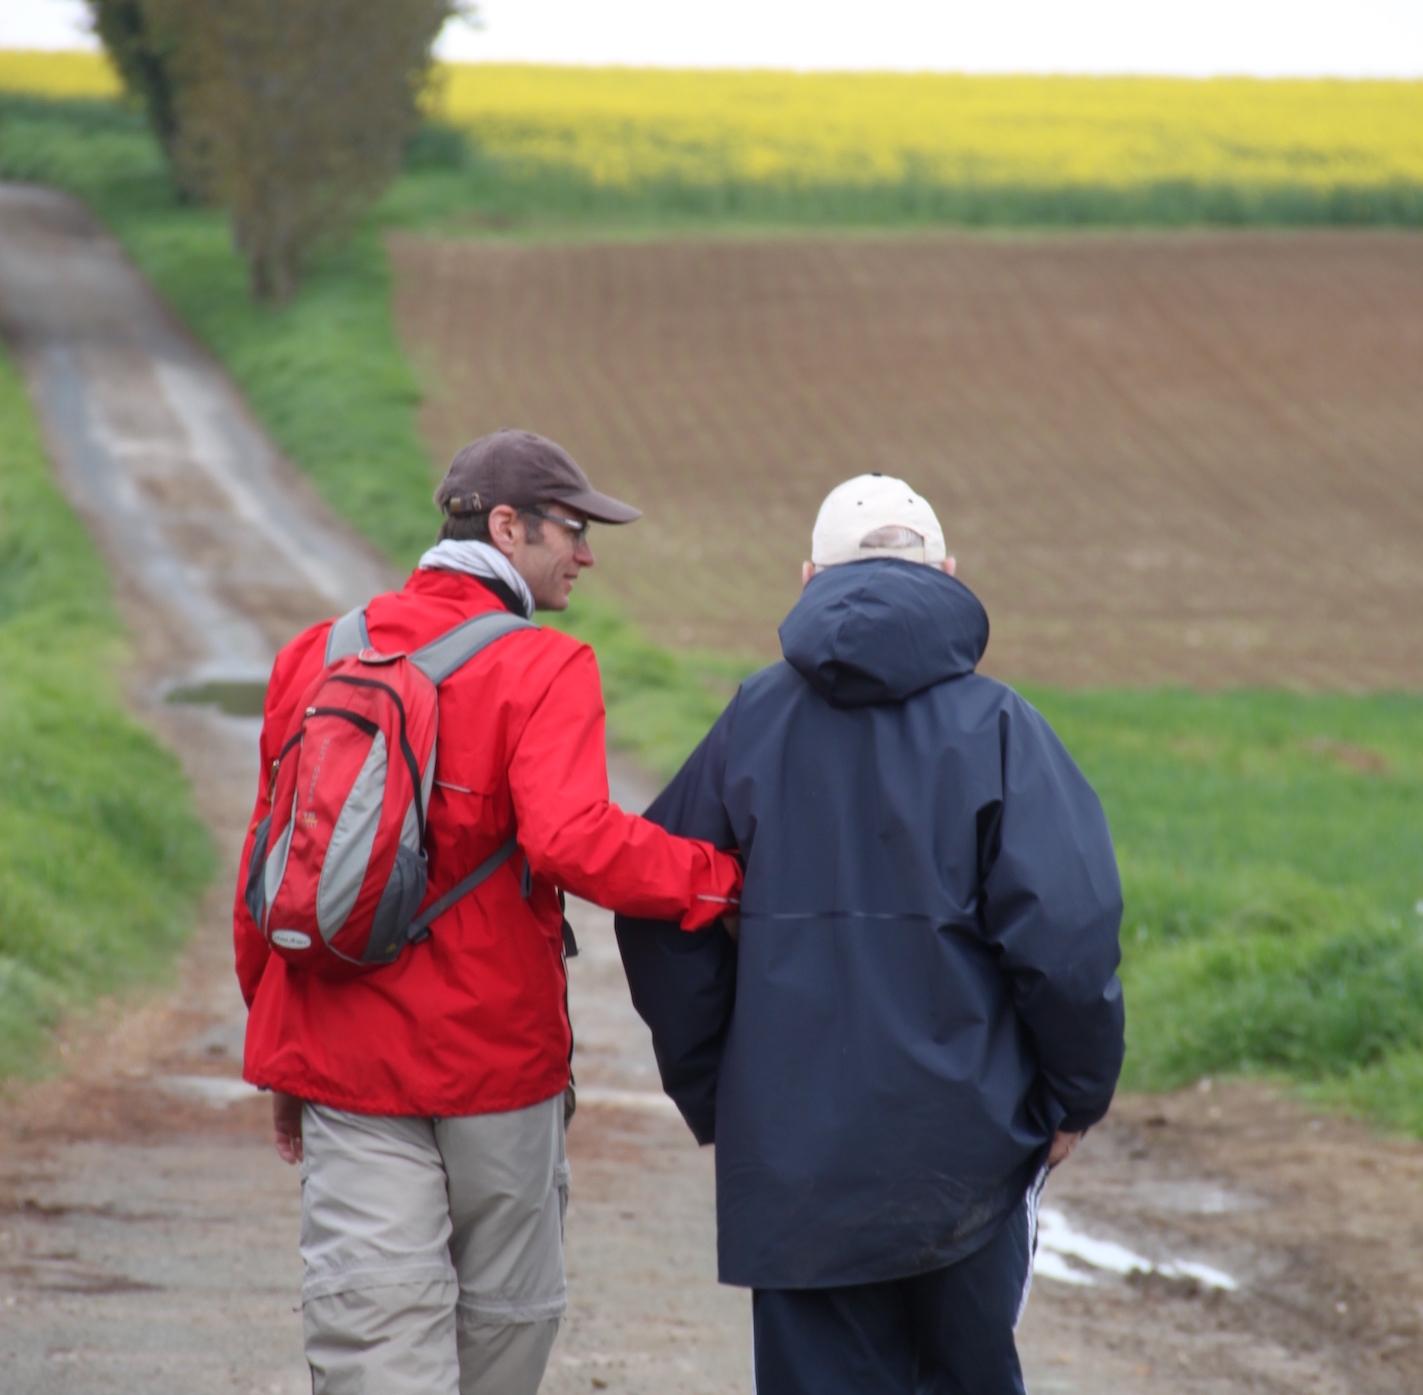 Une personne handicapée et un ami marchent sur un chemin